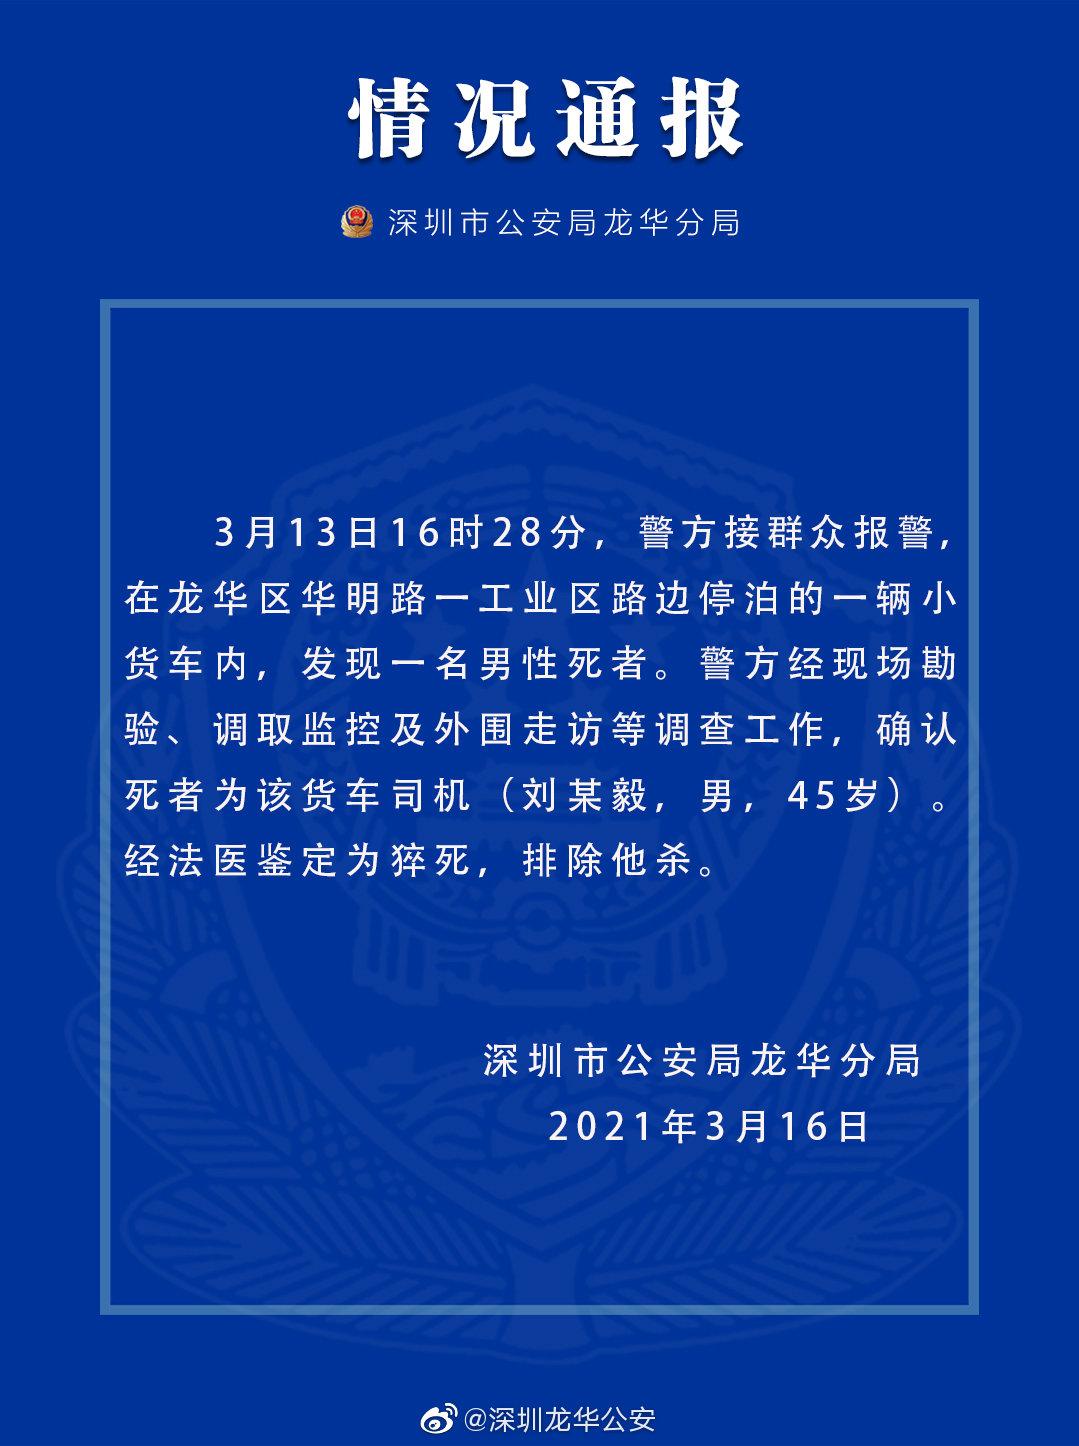 网传货拉拉司机被杀,深圳警方:司机系猝死,排除他杀